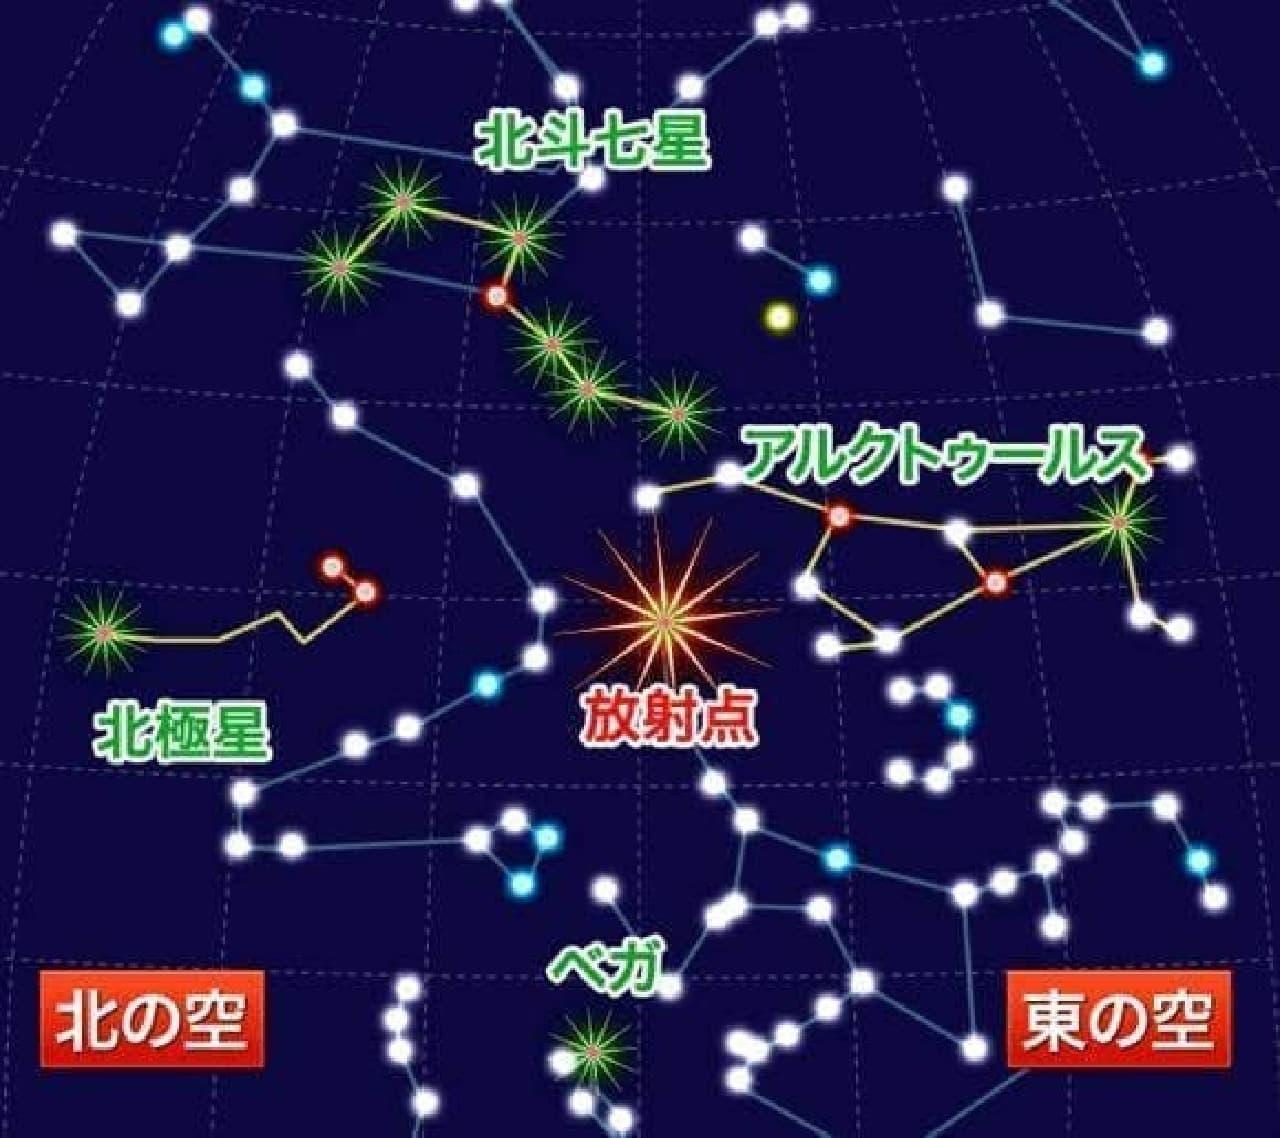 「しぶんぎ座流星群」、今夜(1月3日)観測ピーク!―